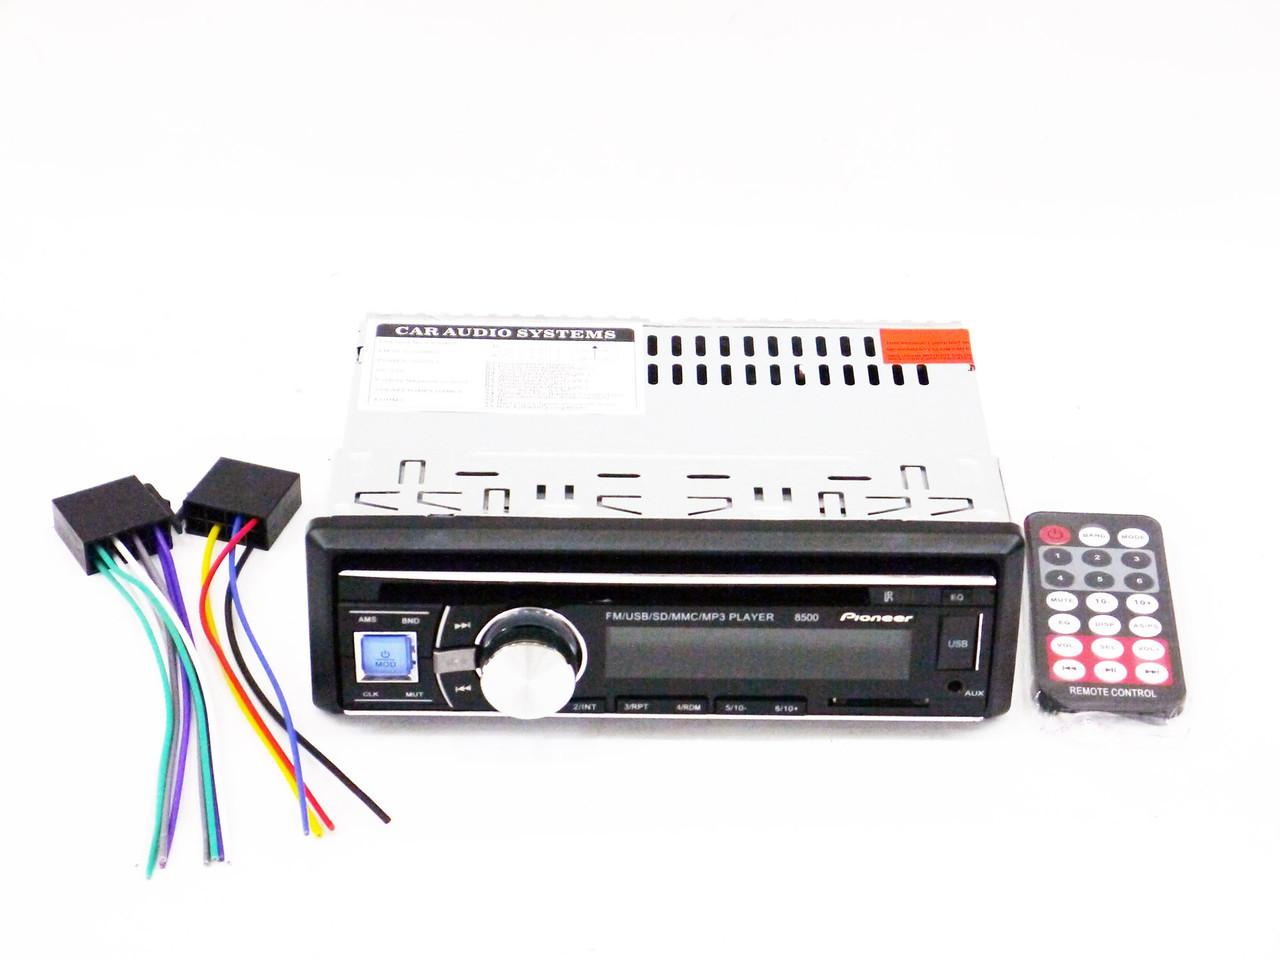 Автомагнитола Pioneer 8500- Usb+RGB подсветка+Sd+Fm+Aux+ пульт